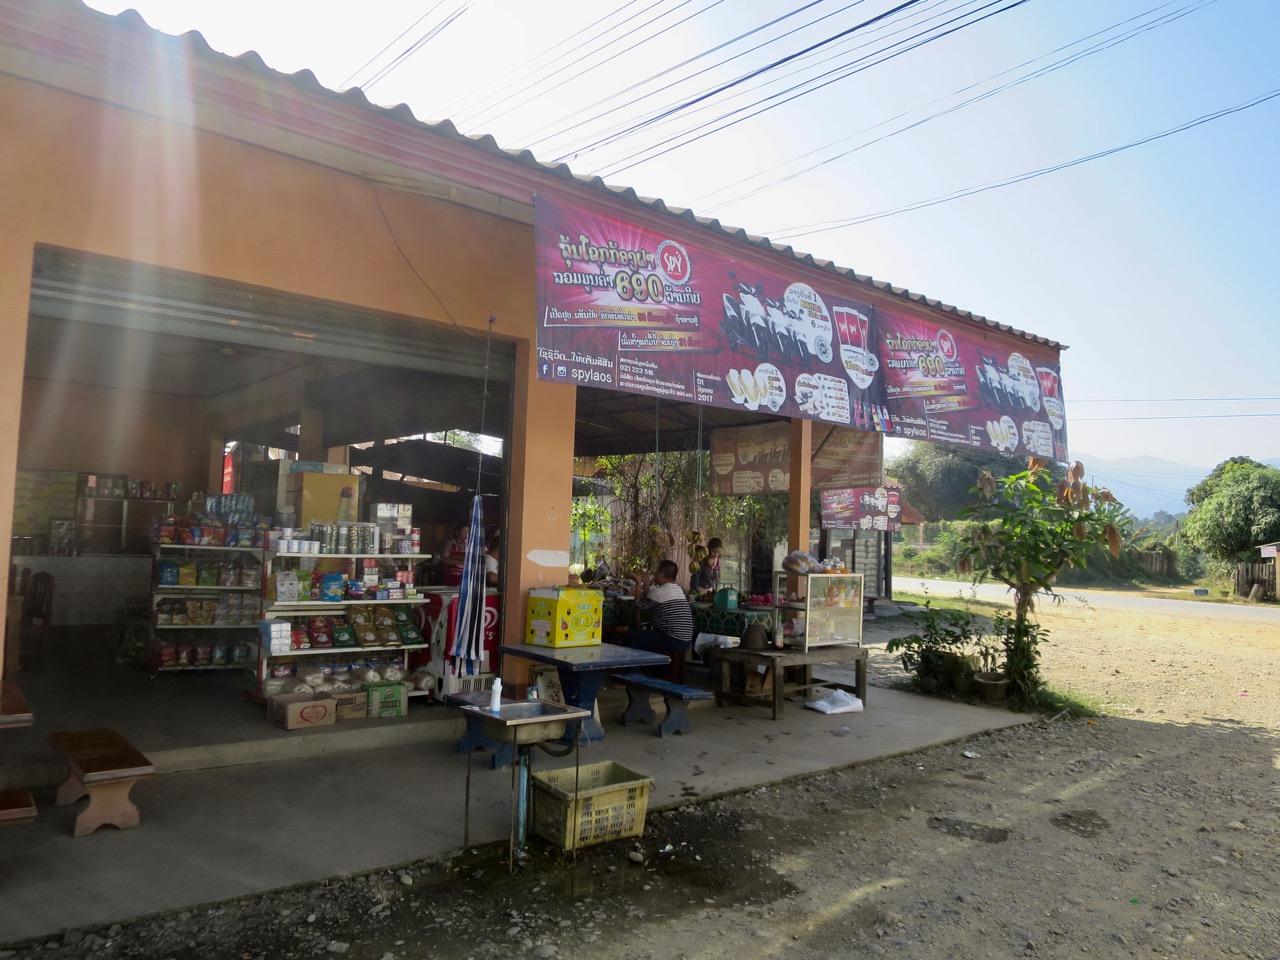 Laos interior 1 13